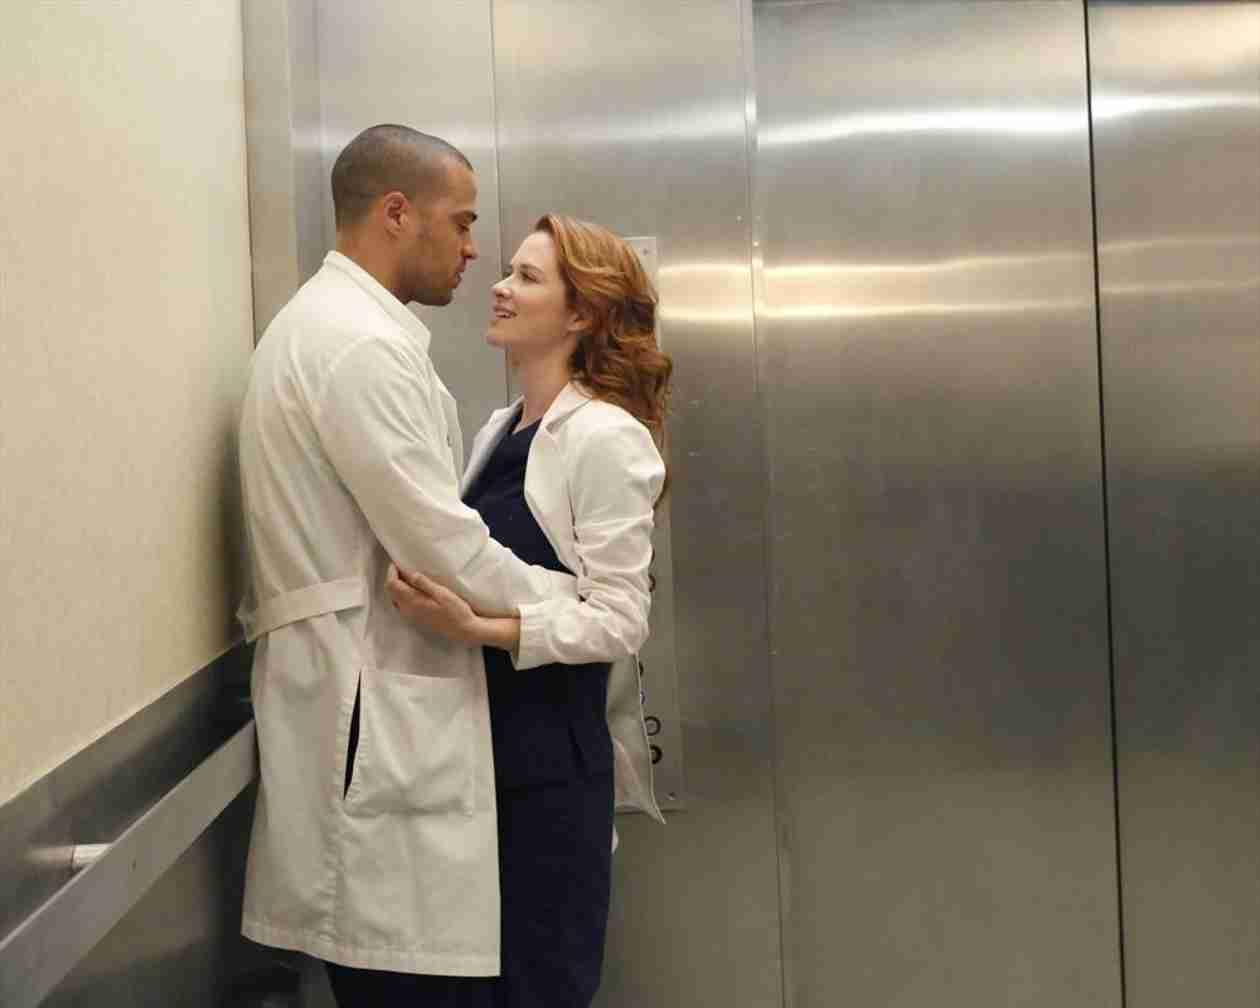 Grey's Anatomy Season 10, Episode 18 Spoilers: 5 Things We Learn From the Sneak Peeks